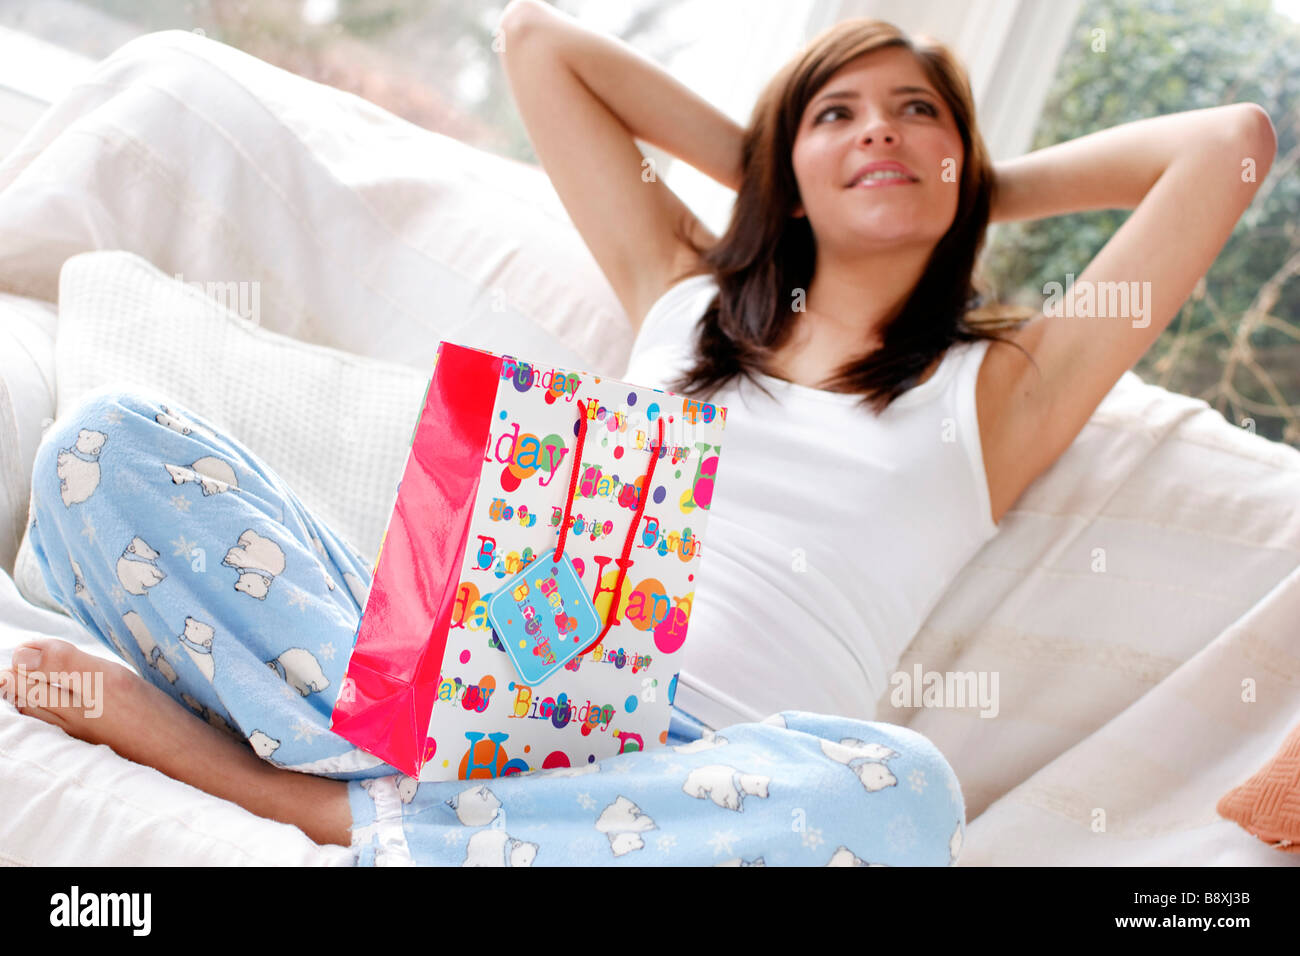 Adolescent avec cadeau d'anniversaire Photo Stock